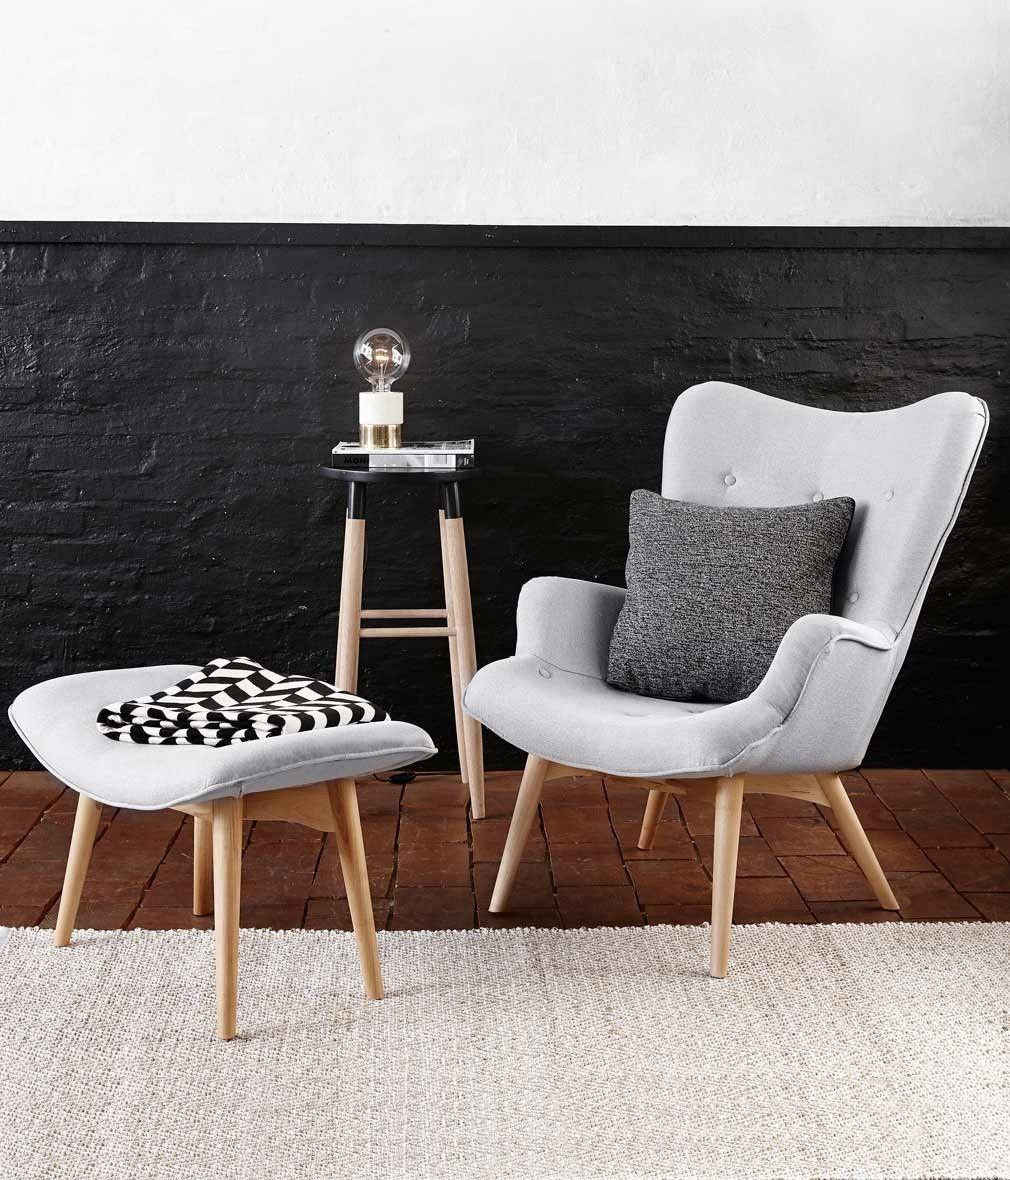 Hübsch fauteuil met voetenbankje grijs/houten poten | Interieur ...